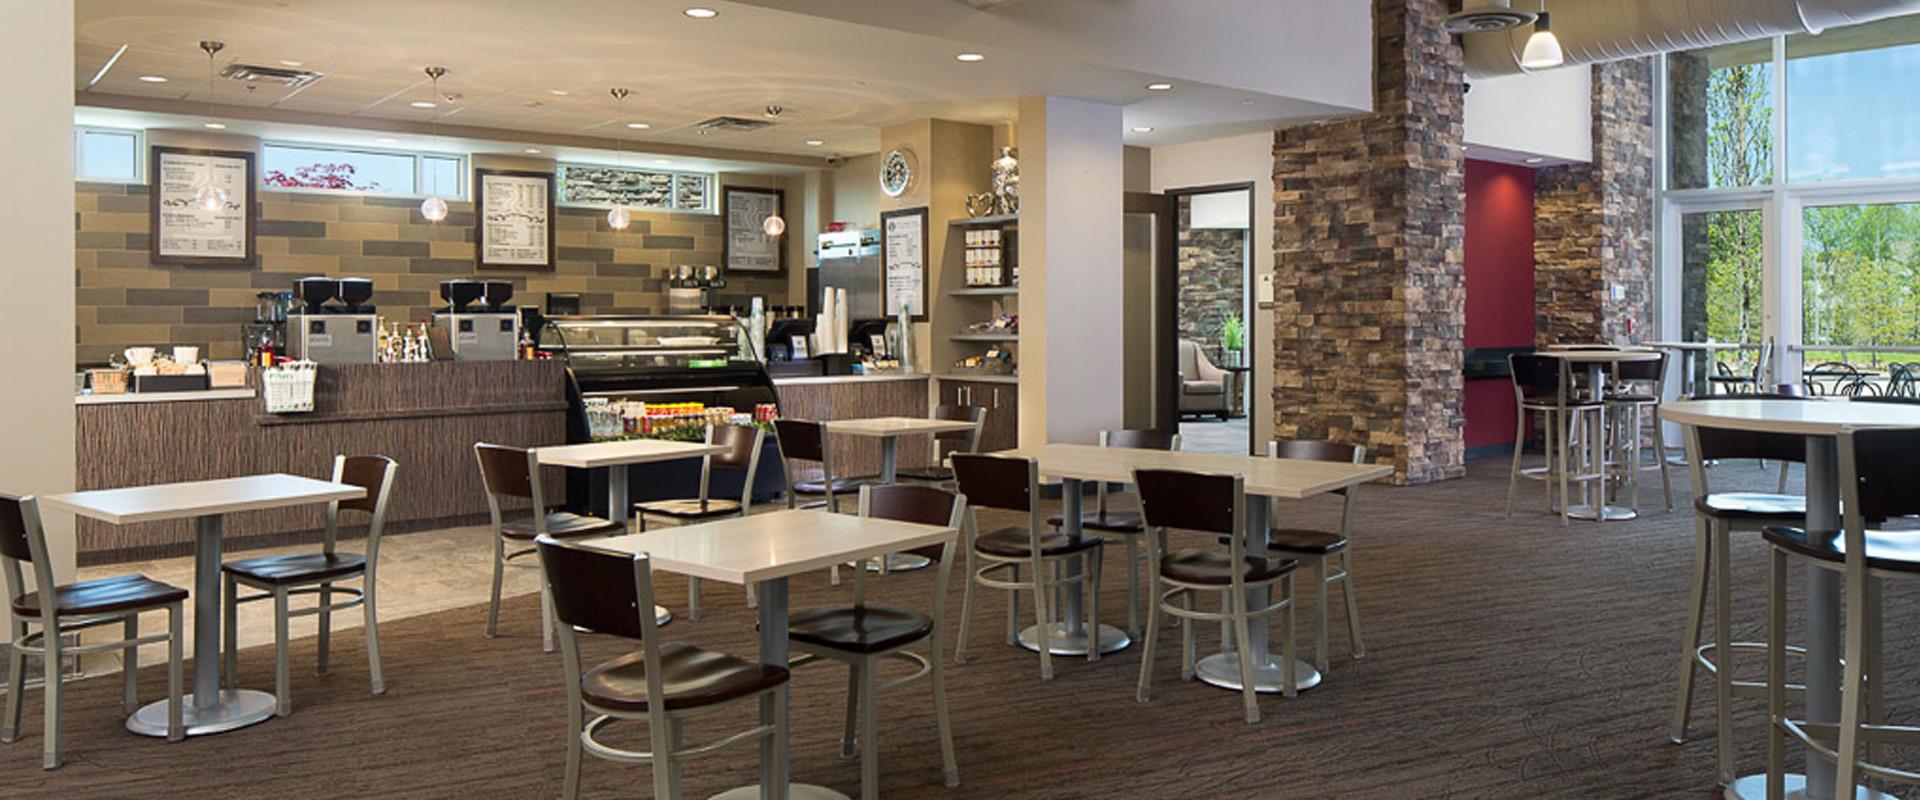 12Stone Church Sugarloaf - Coffee Shop